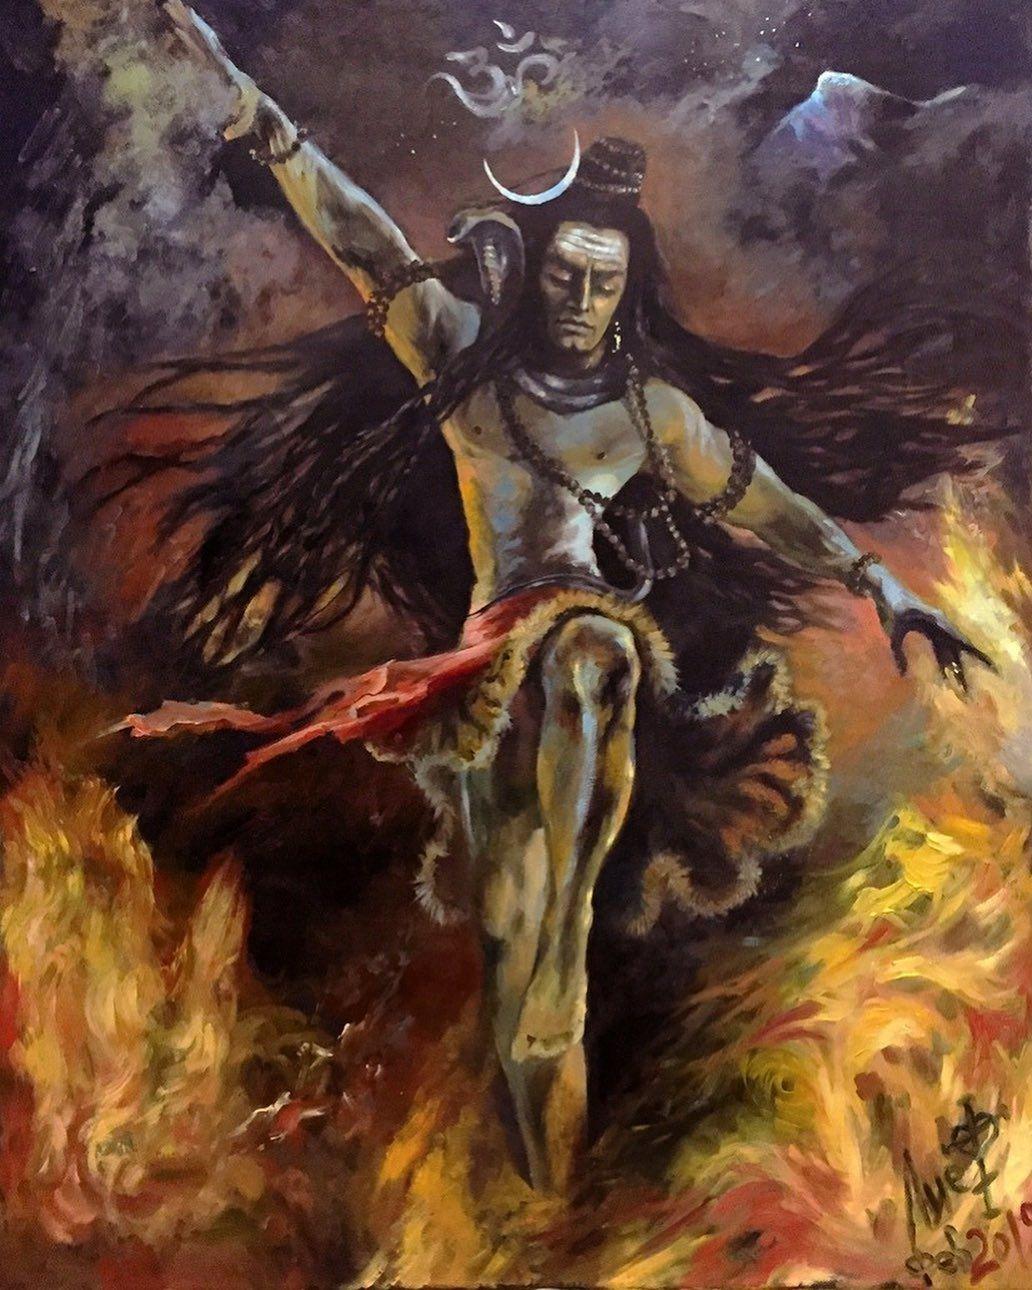 Simon Gipps Kent Top 10 Lord Shiva 3d Wallpapers